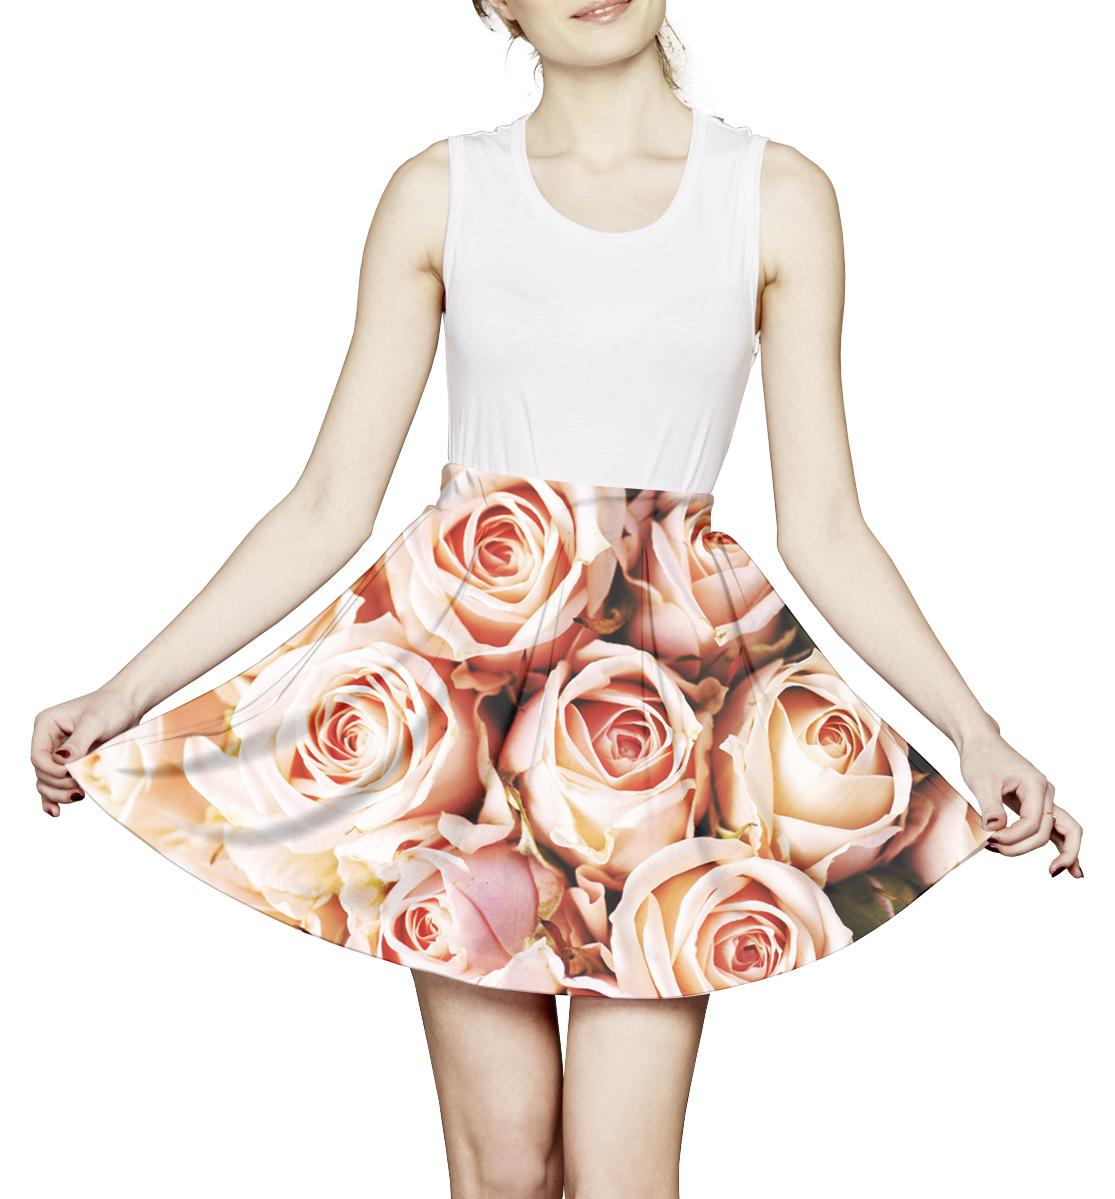 Купить Розы, Printbar, Юбка с мелкими складками, LGN-647998-ums-1